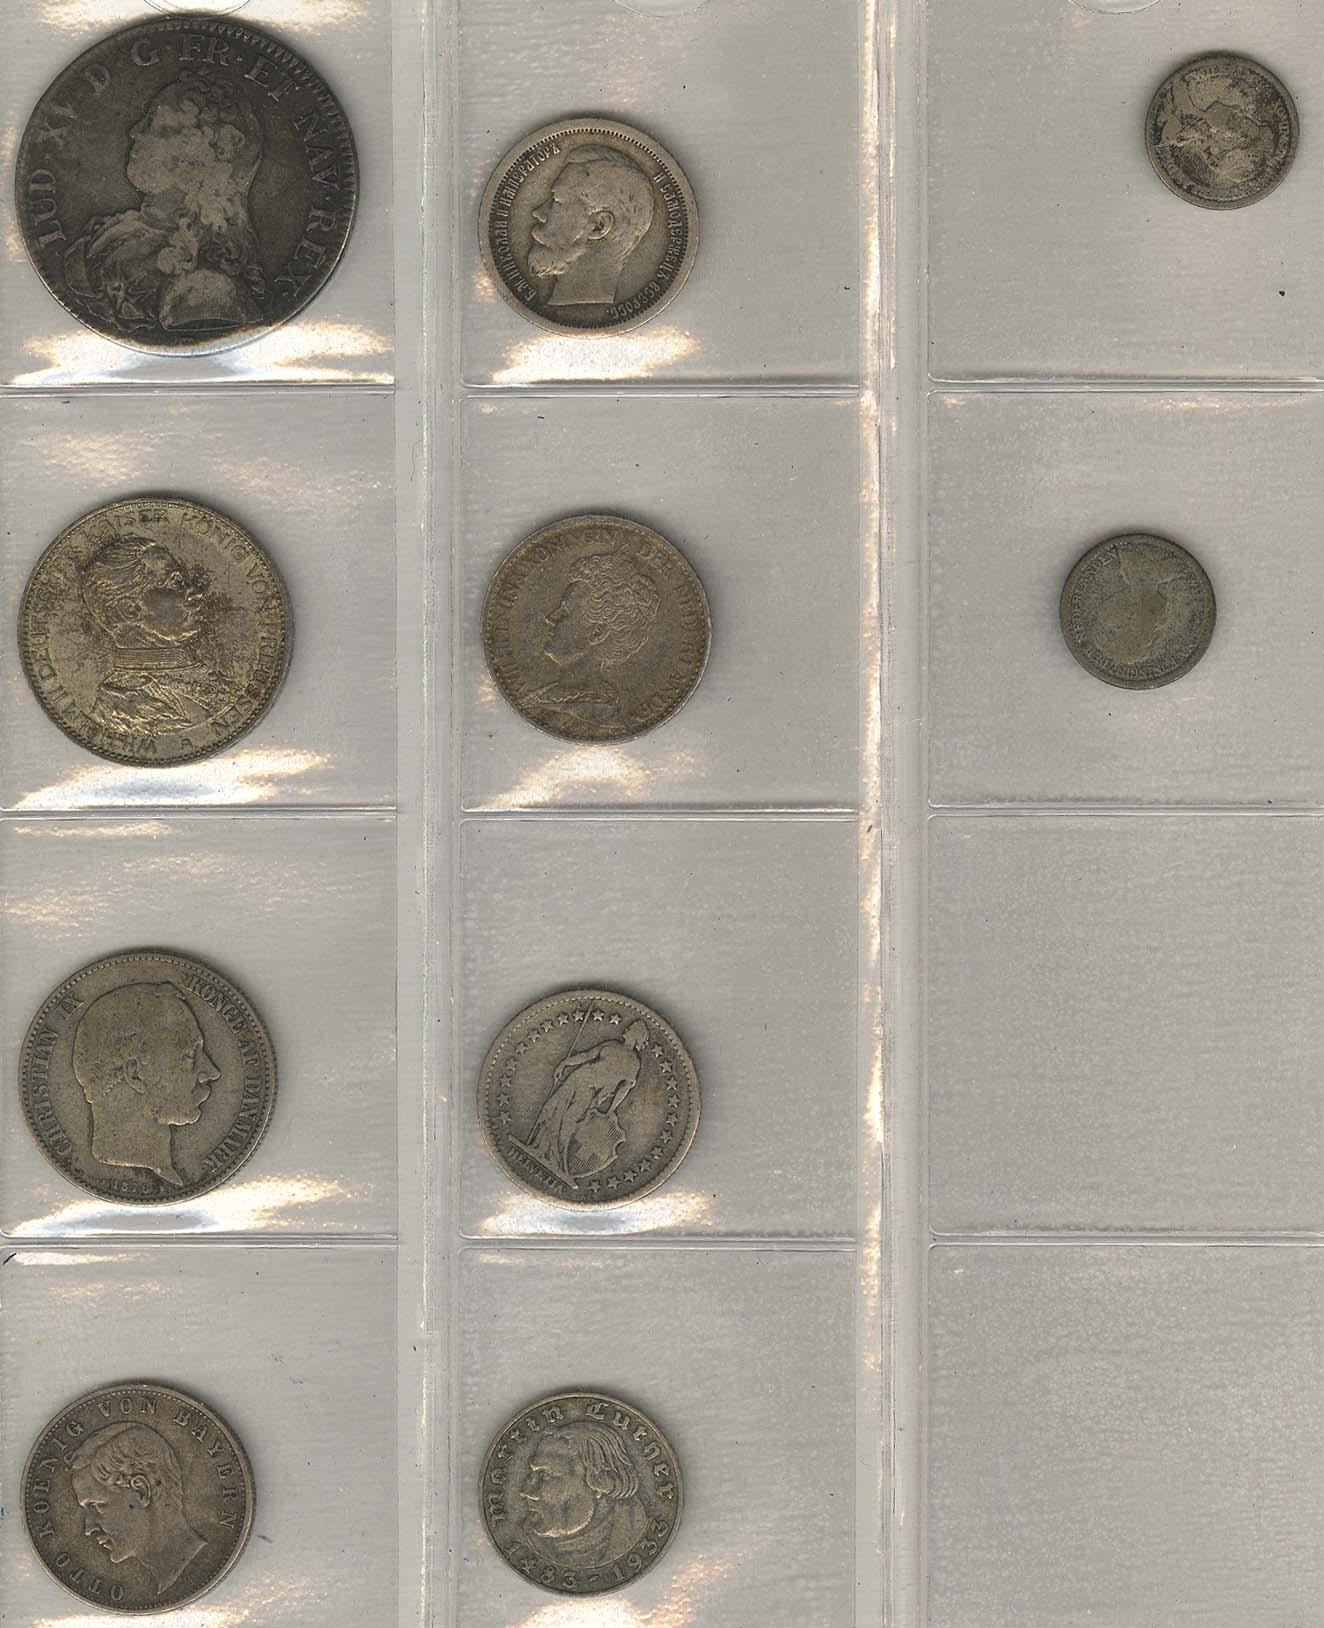 Lot 9101 - sammlungen Nachlässe & Sammlungsaufgaben -  Auktionshaus Ulrich Felzmann GmbH & Co. KG Coins single lots